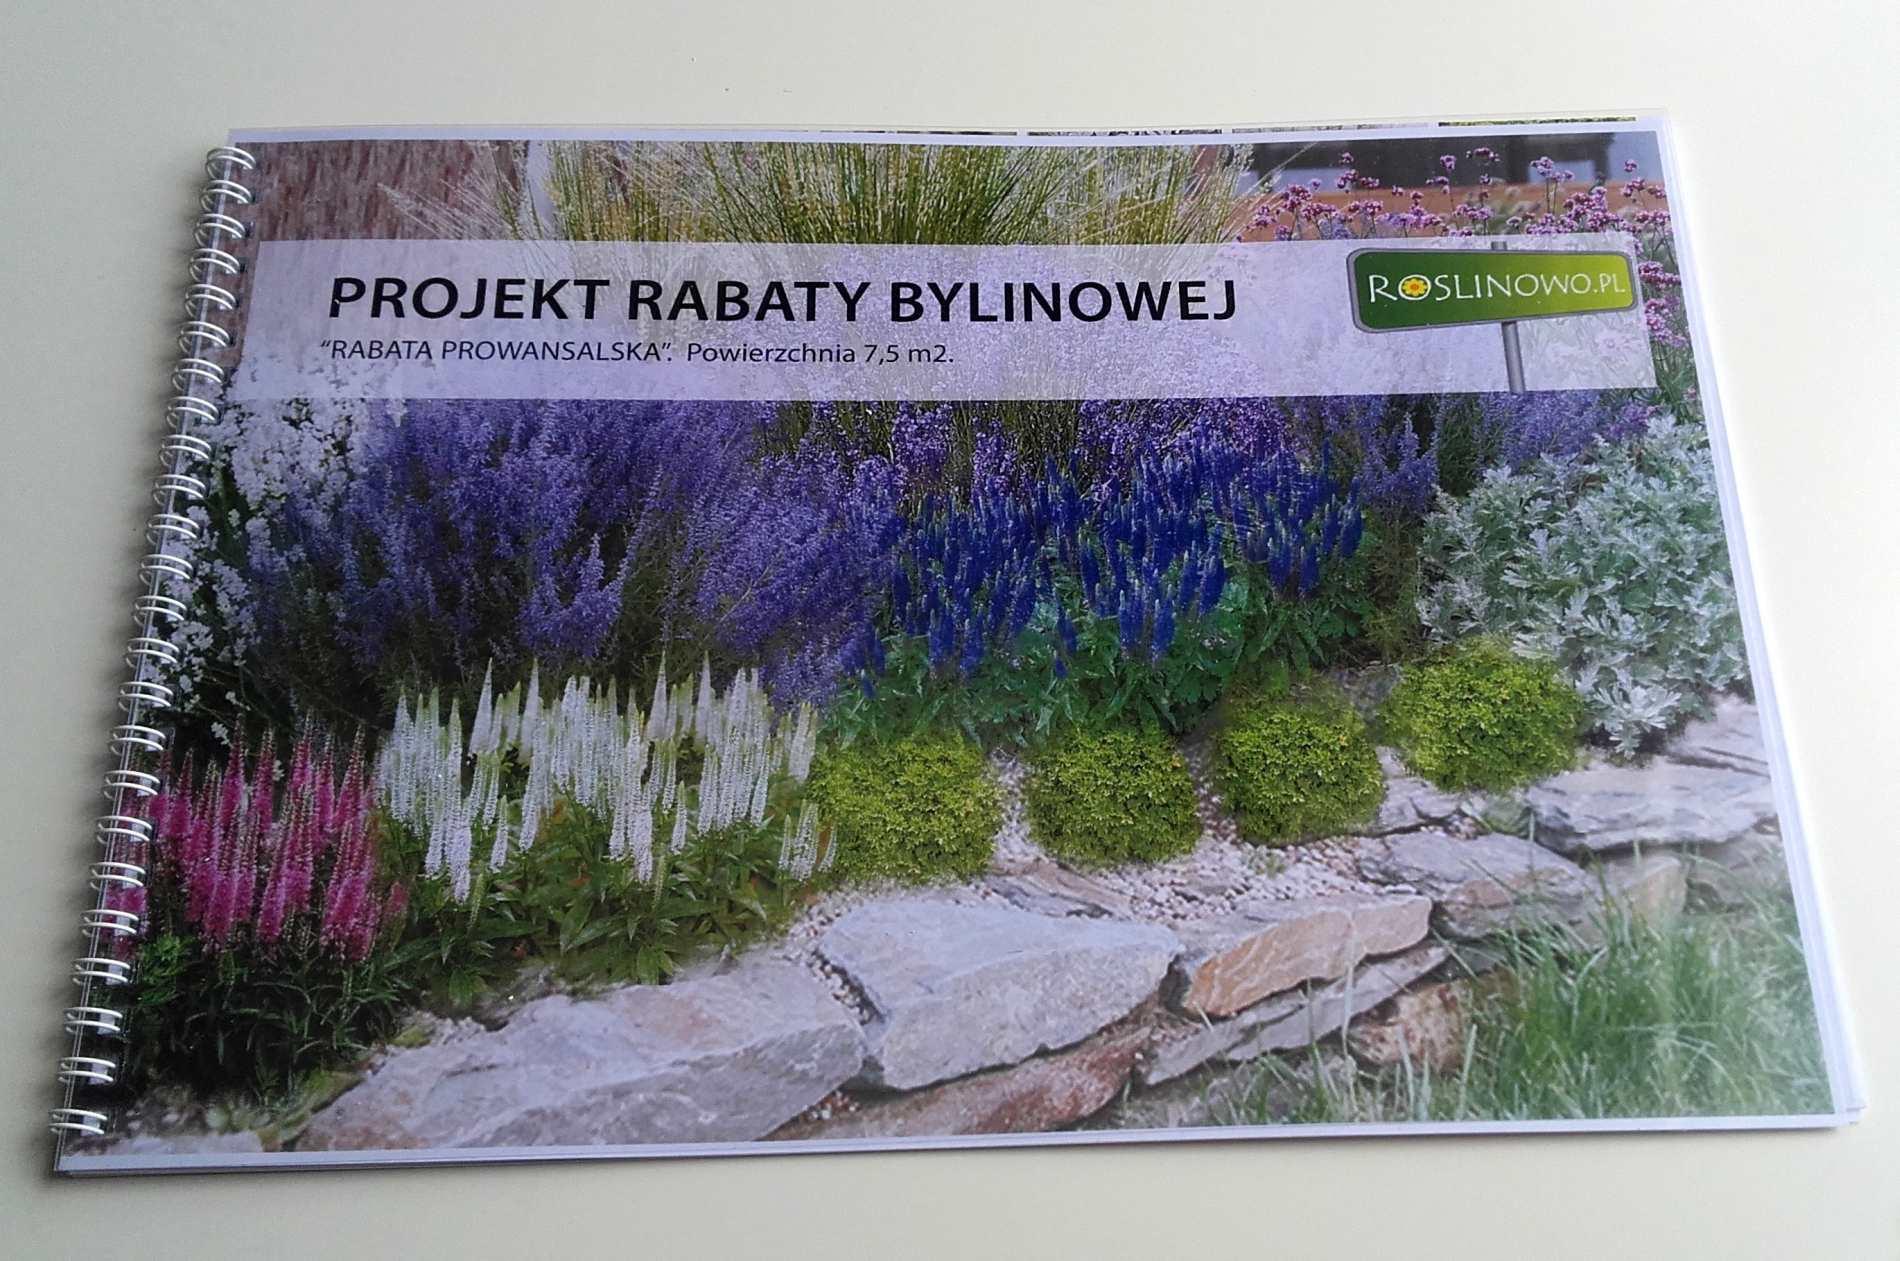 gotowy projekt rabaty bylinowej - prowansalska